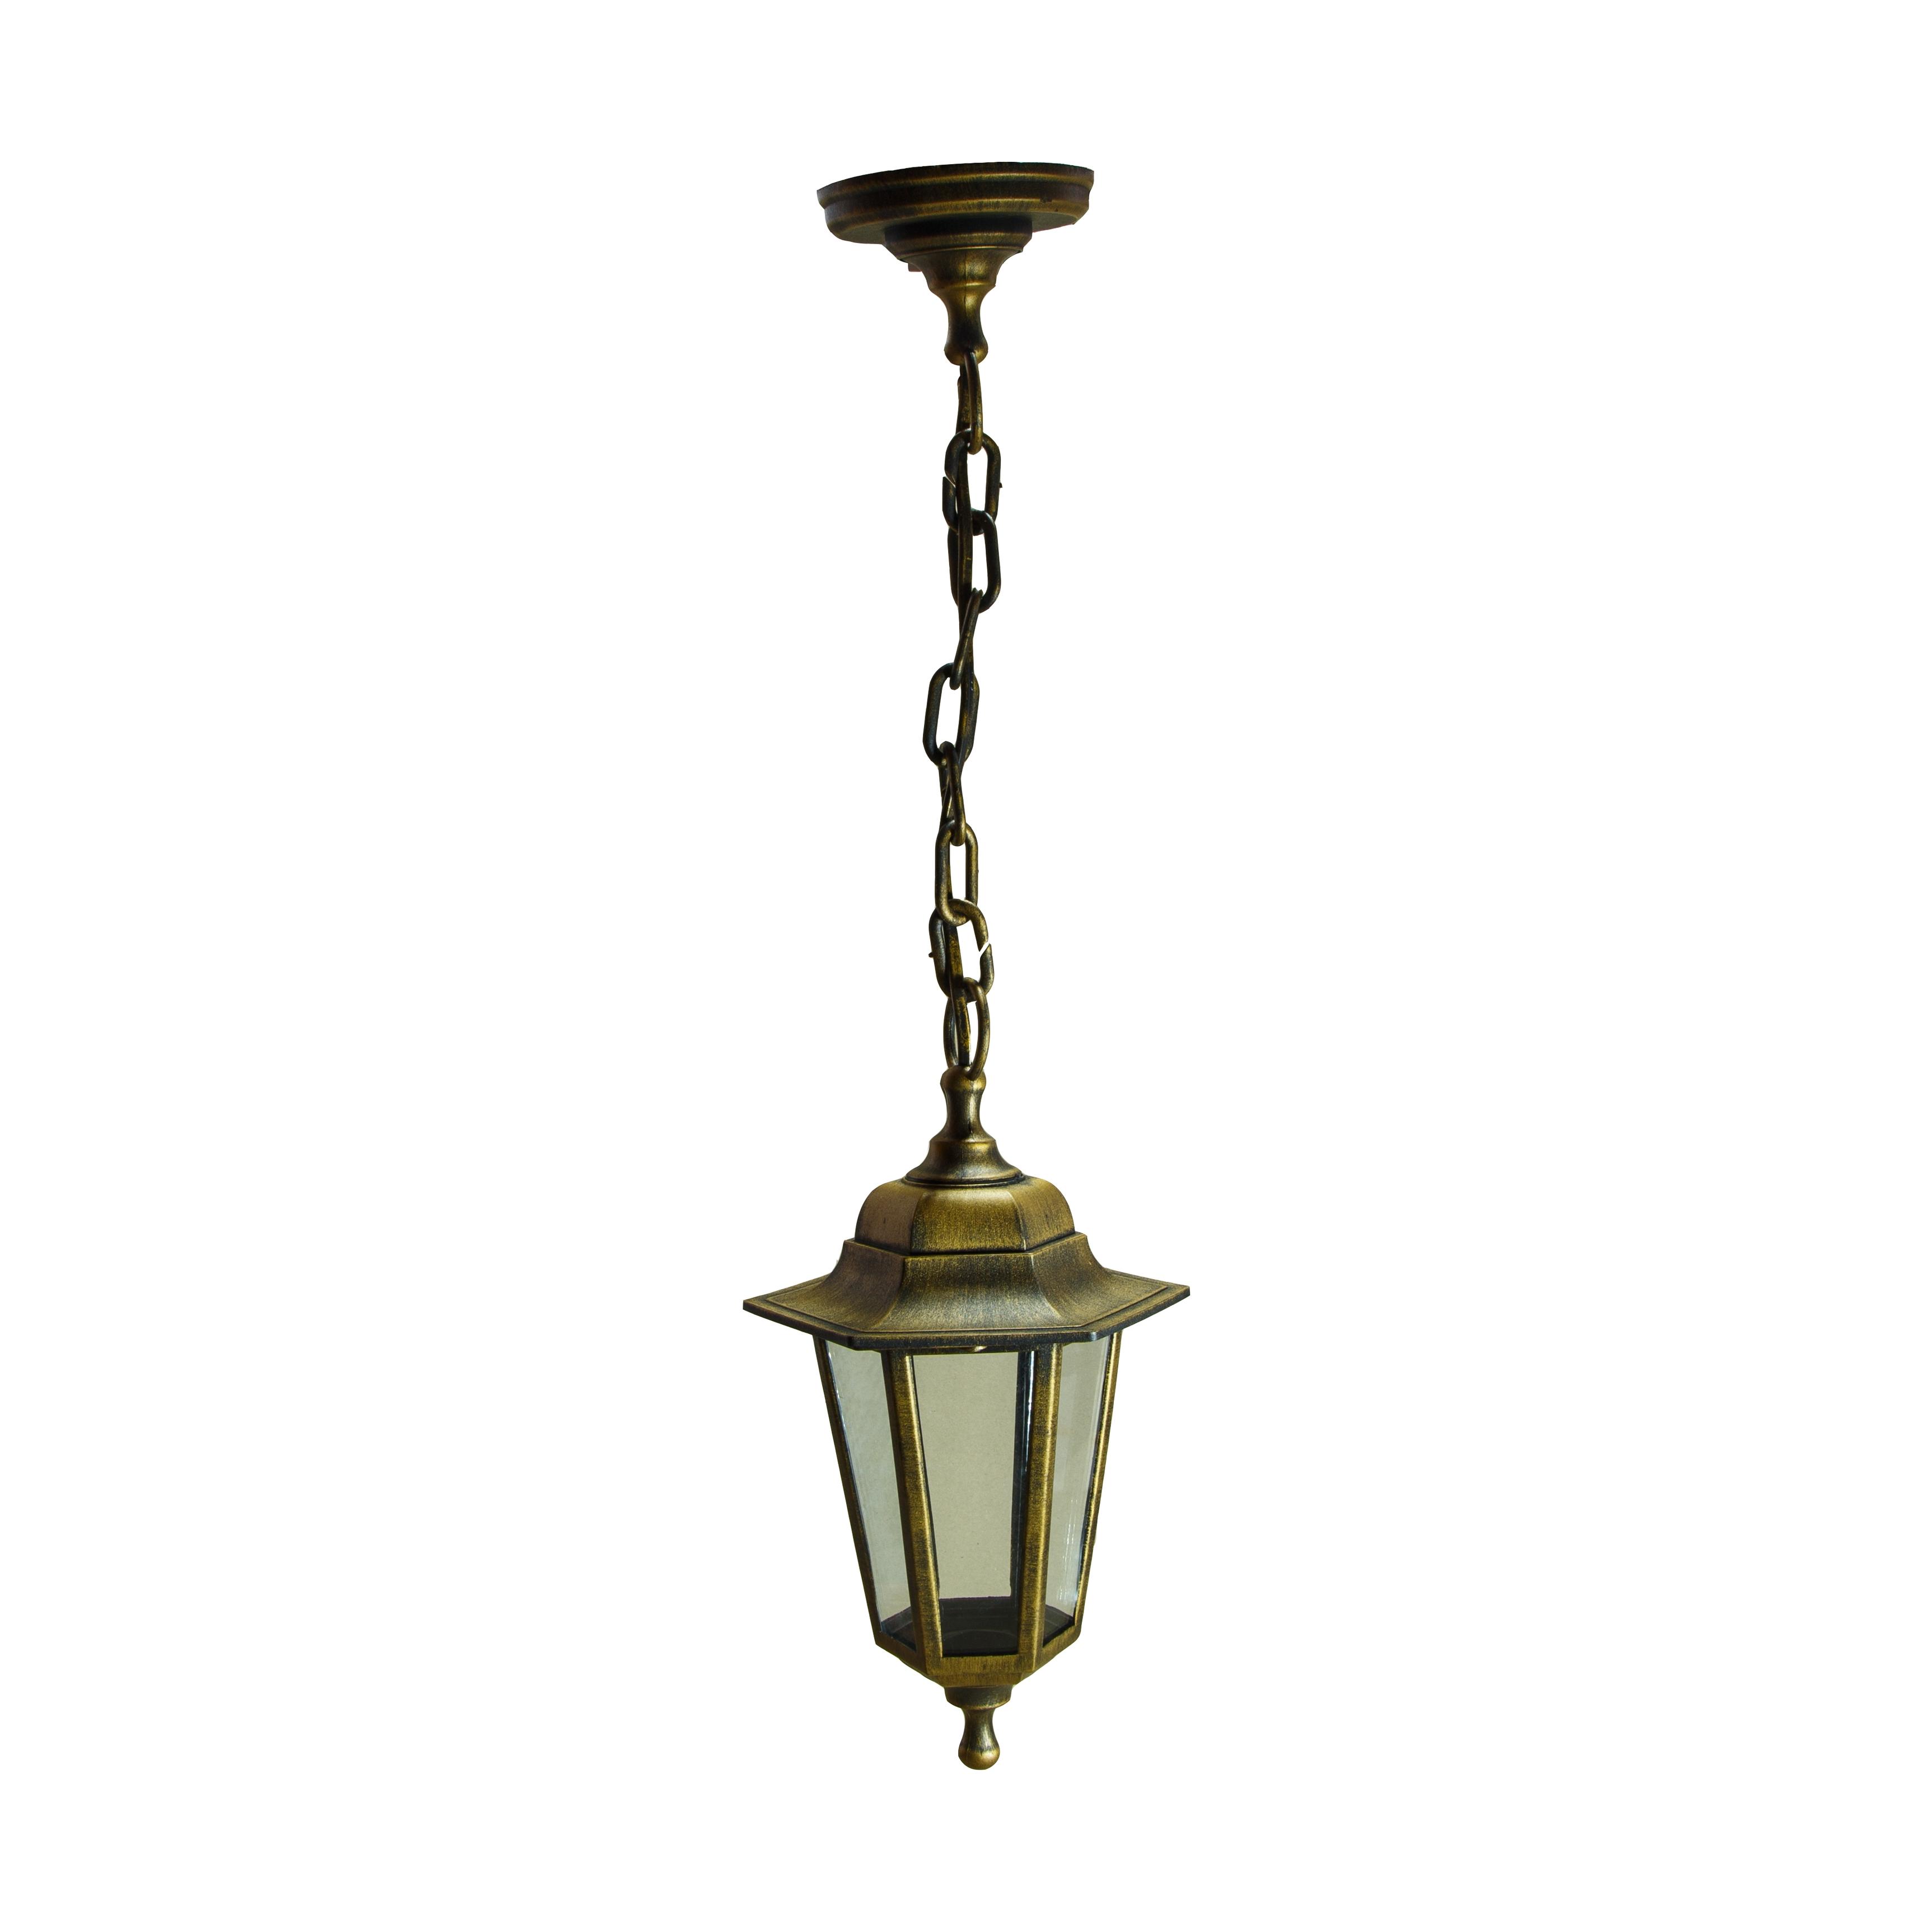 Светильник садово-парковый ЭРА НБУ 06-60-001 Адель1 подвесной шестигранный под бронзу